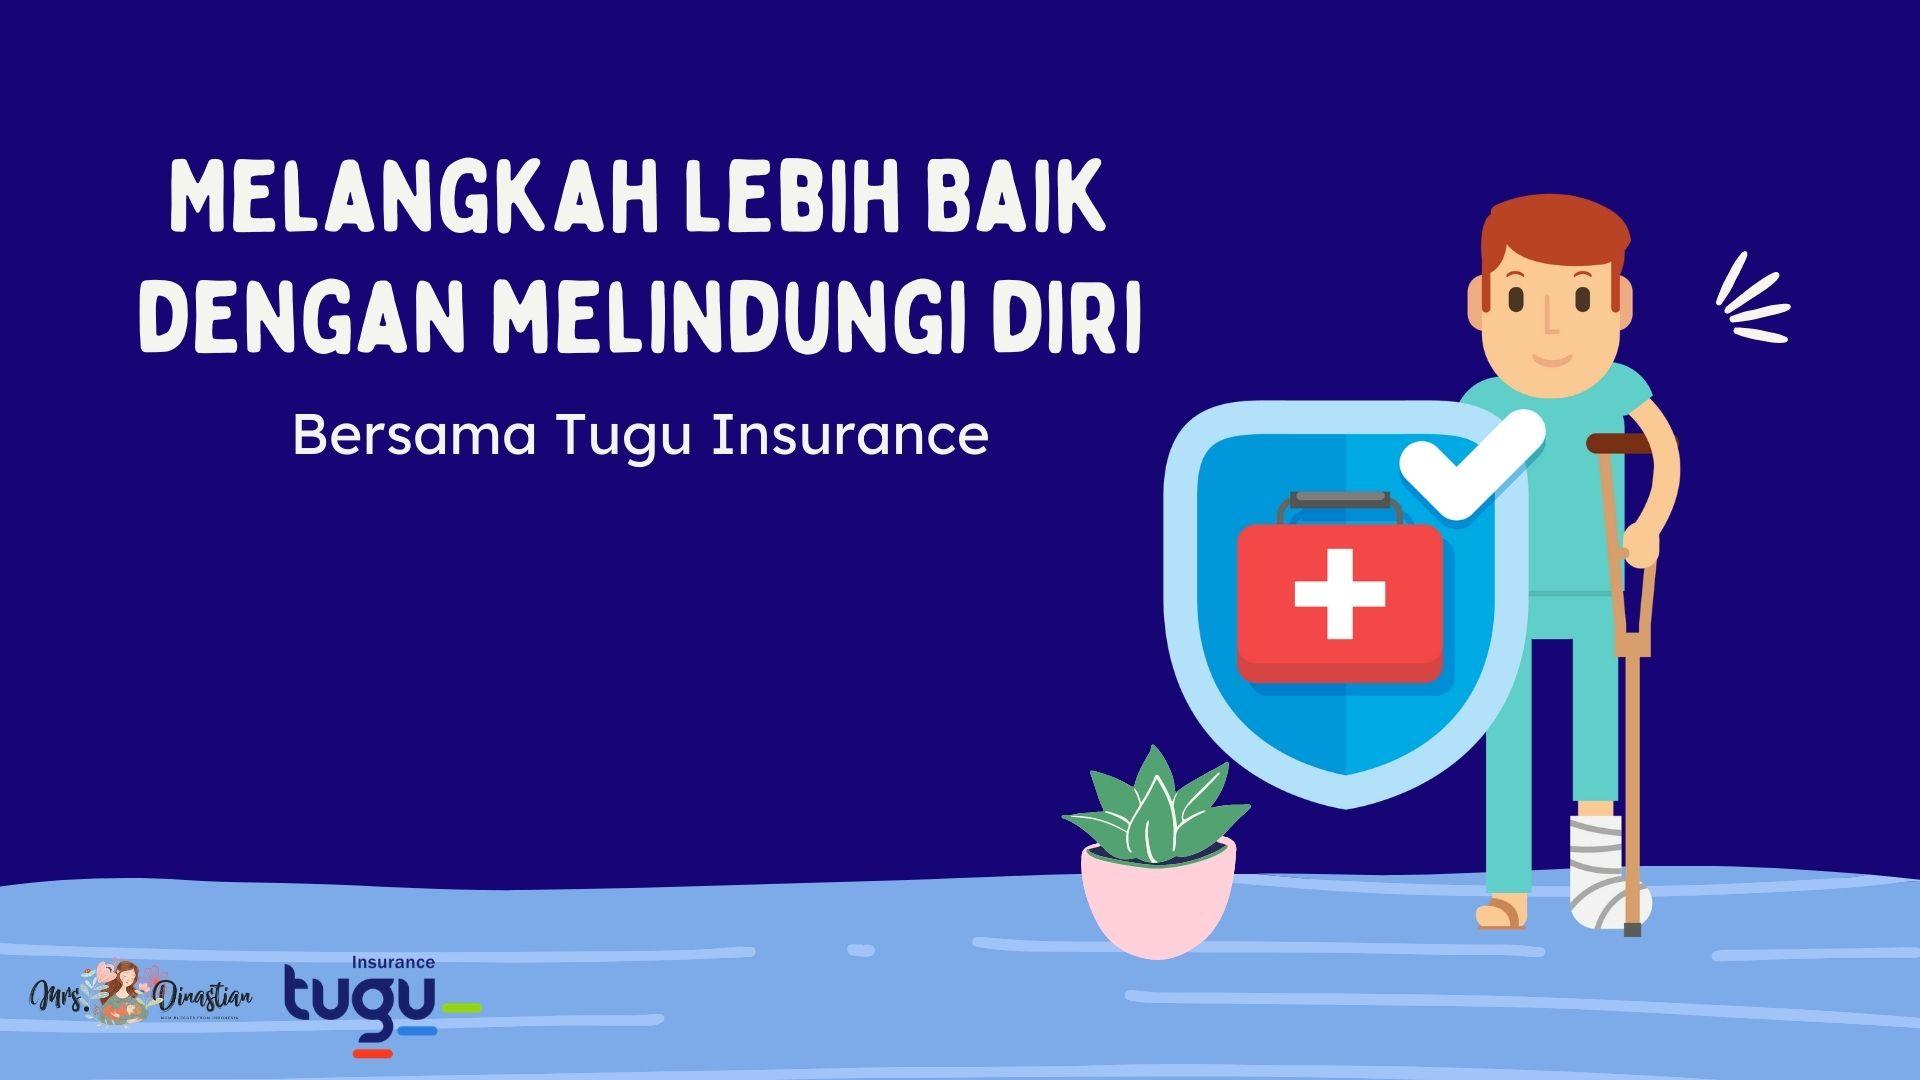 Melangkah Lebih Baik Bersama Tugu Insurance